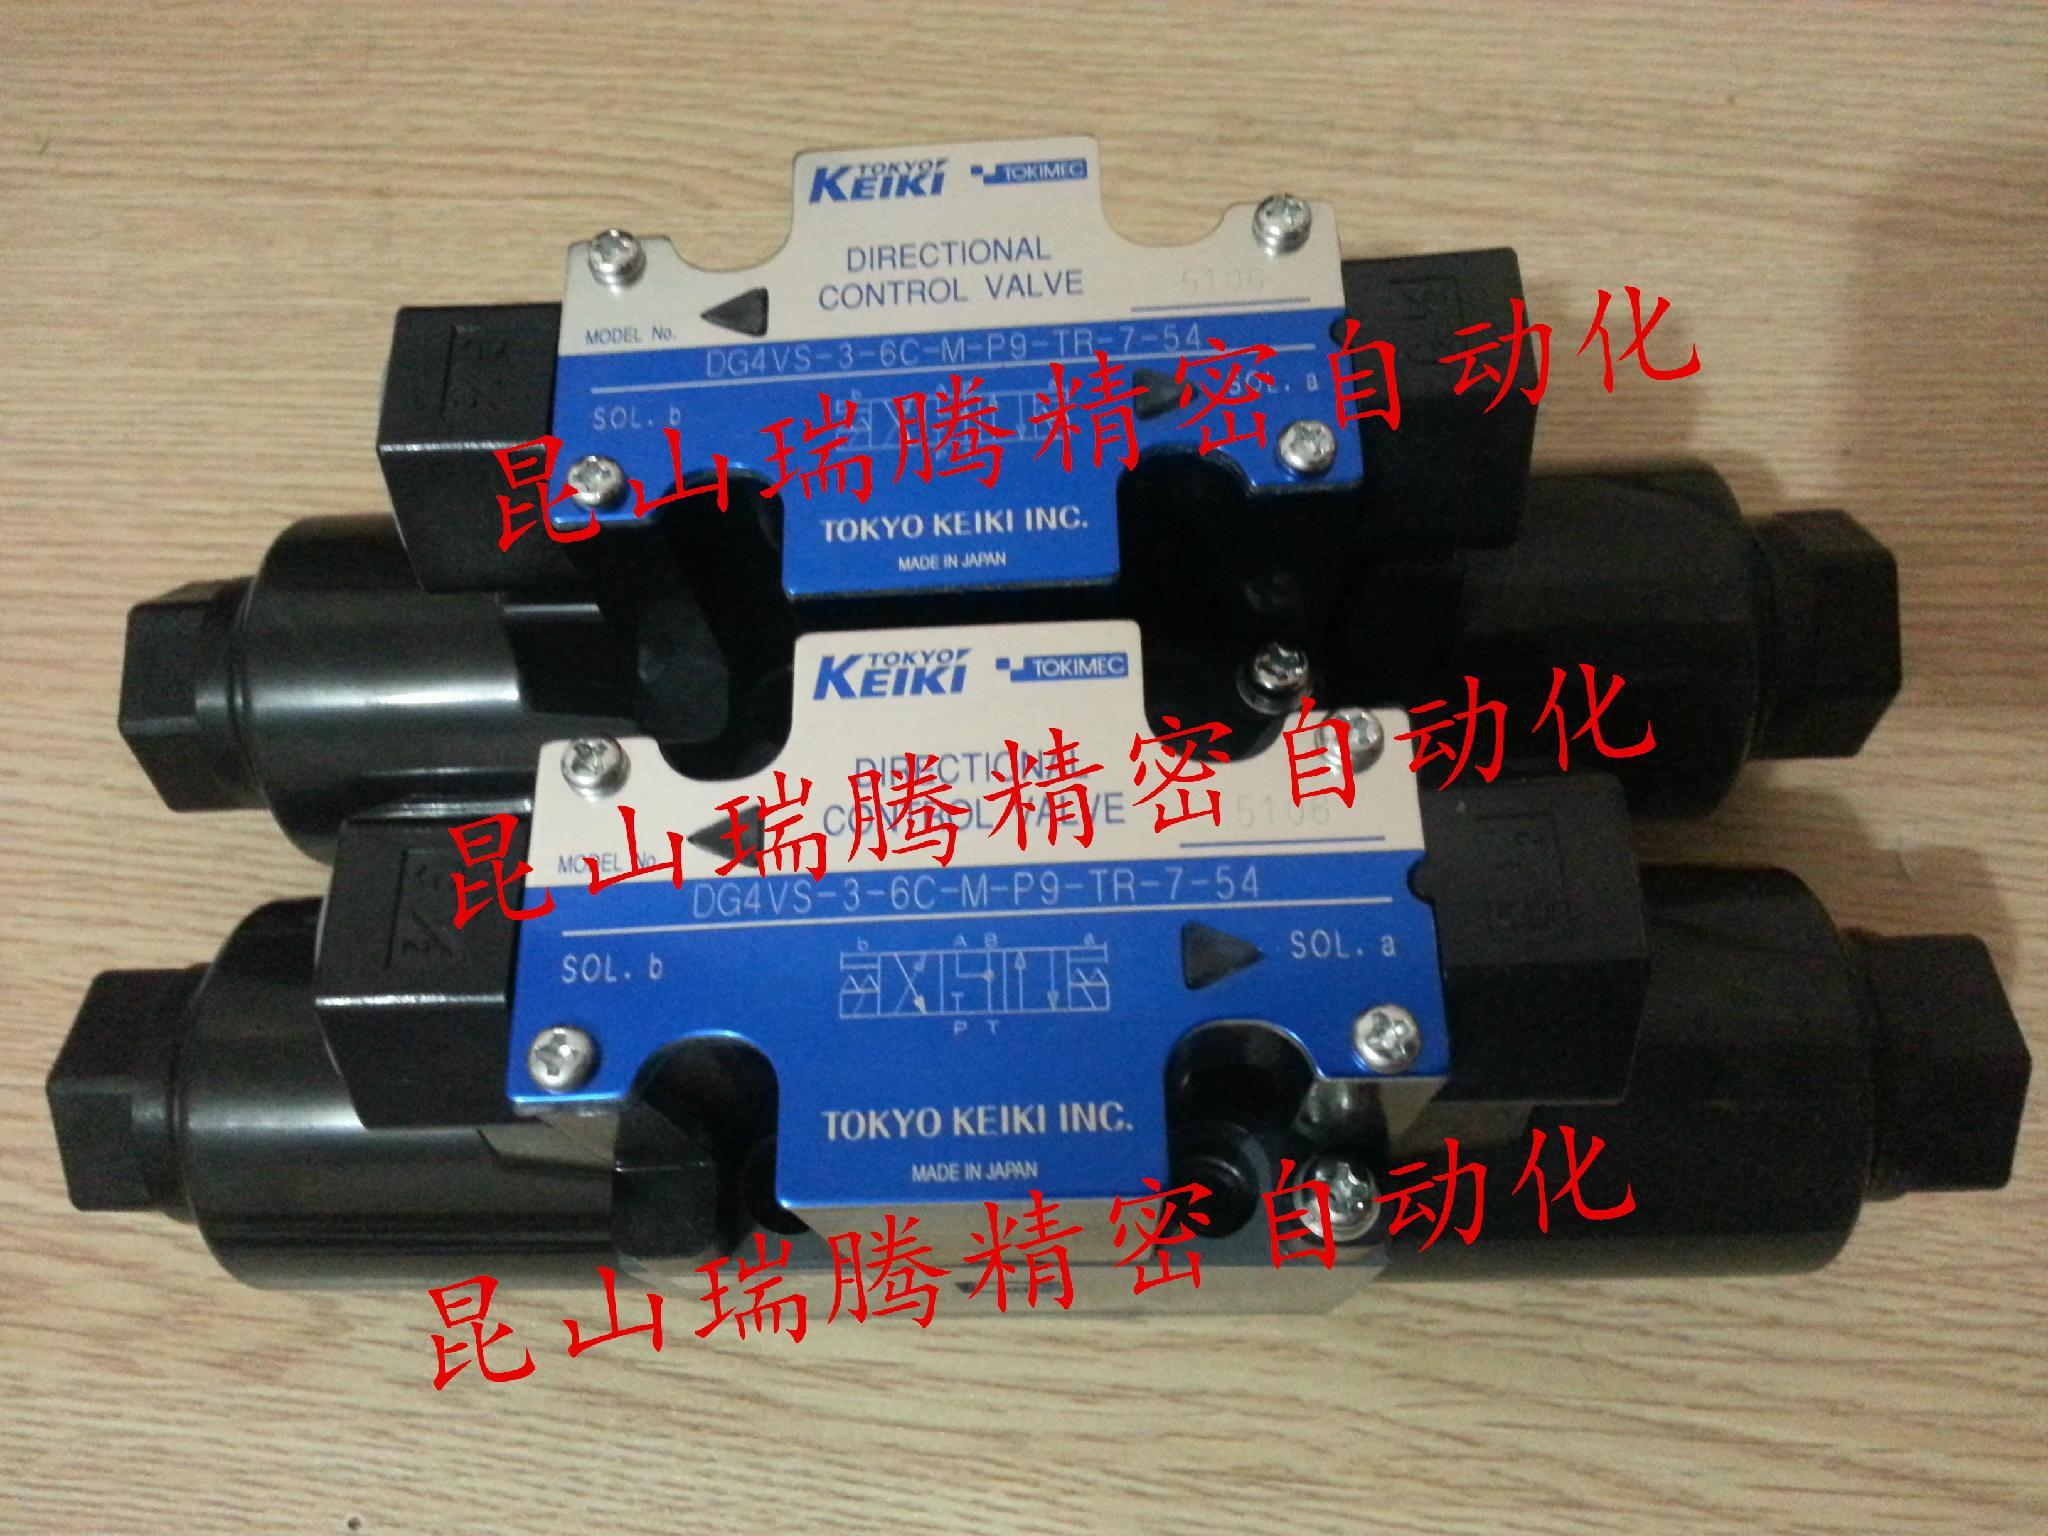 东京计器液压电磁阀DG4VC 5